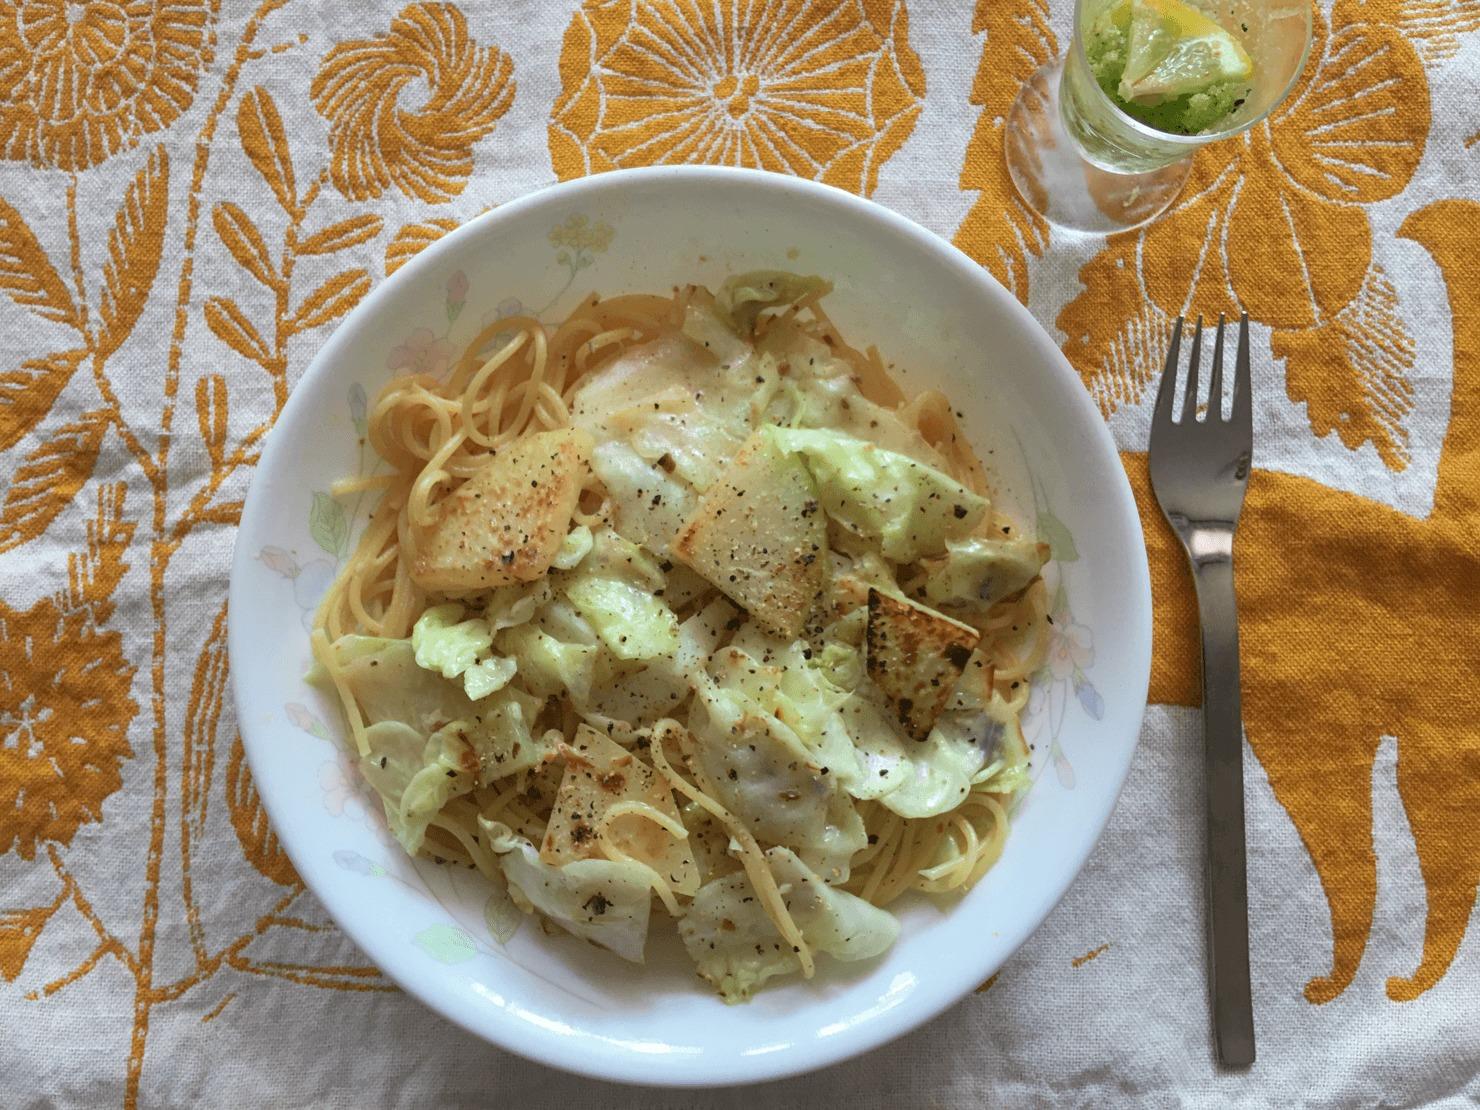 ズッキーニの前菜のあるランチの写真